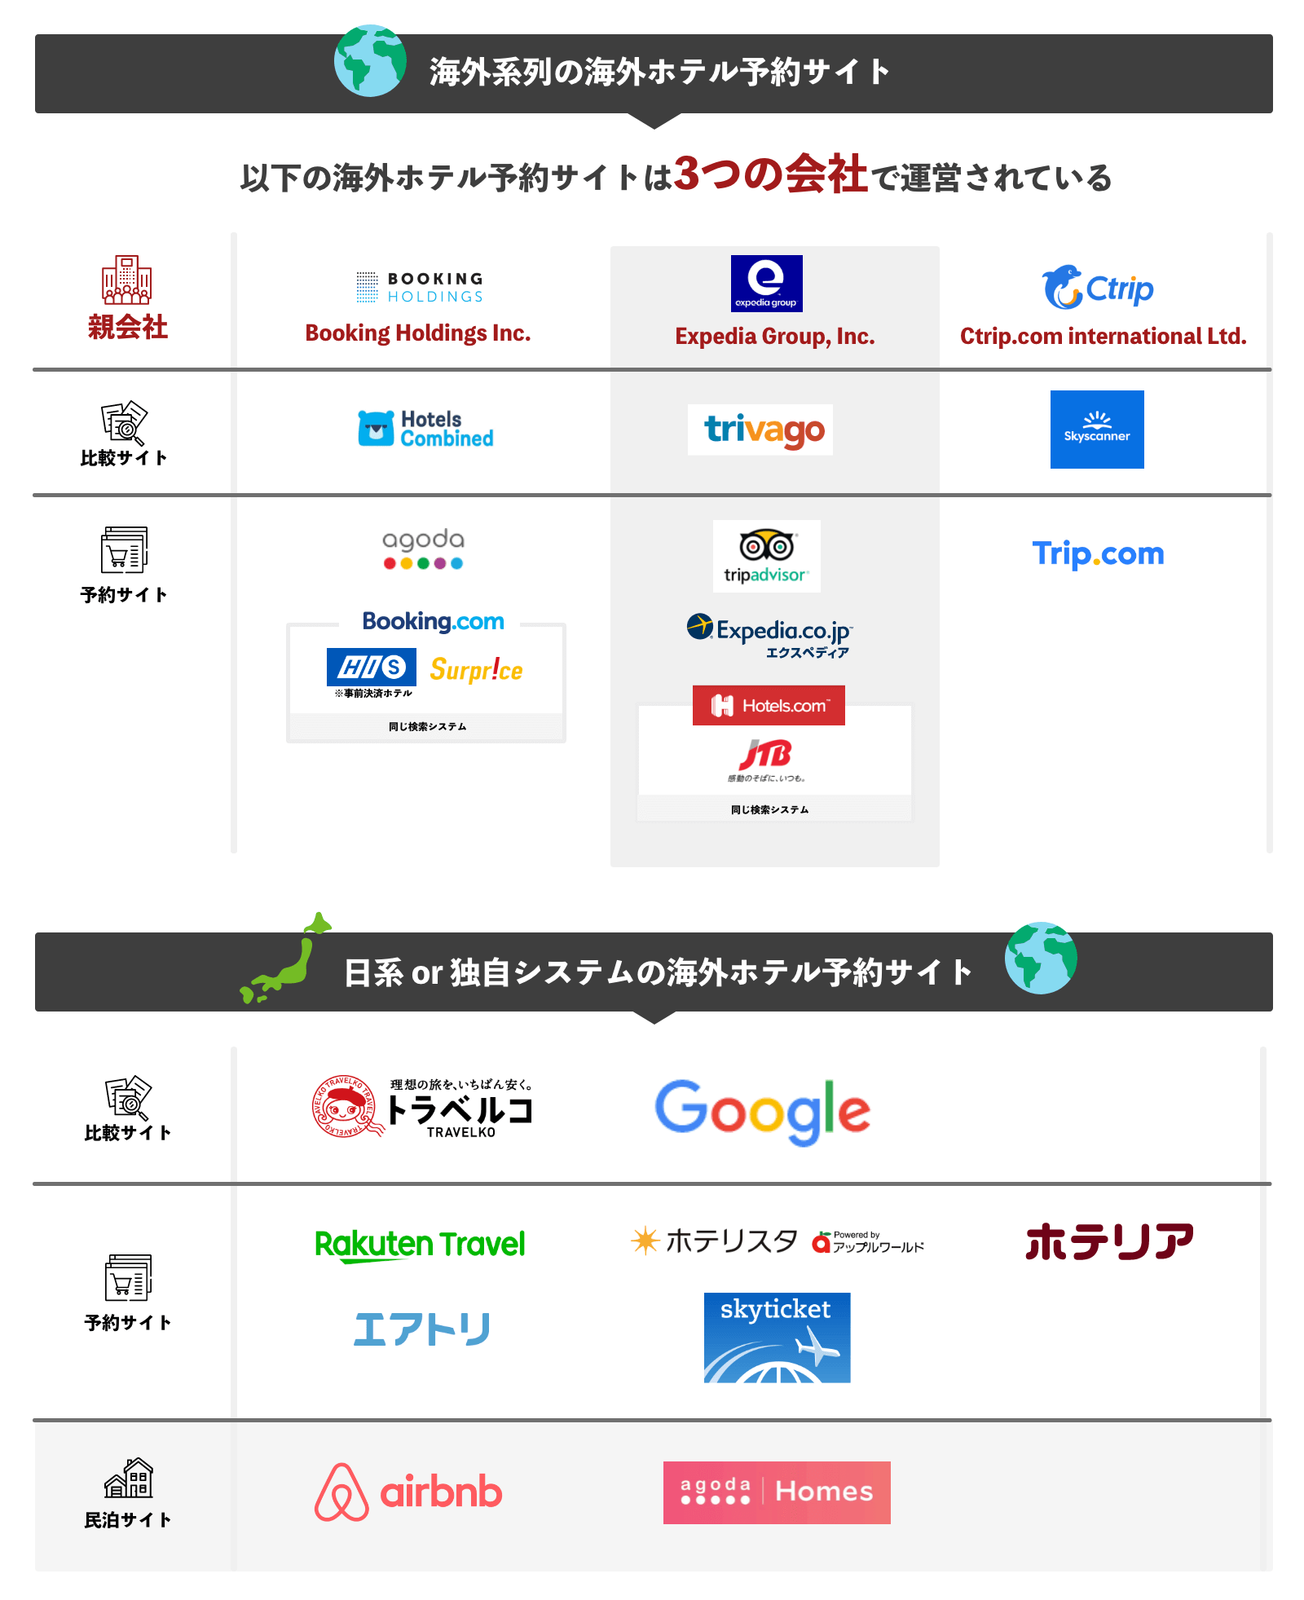 海外ホテル業界の相関図。ほとんどが3グループで経営されており、残りは日系 or 独自システム